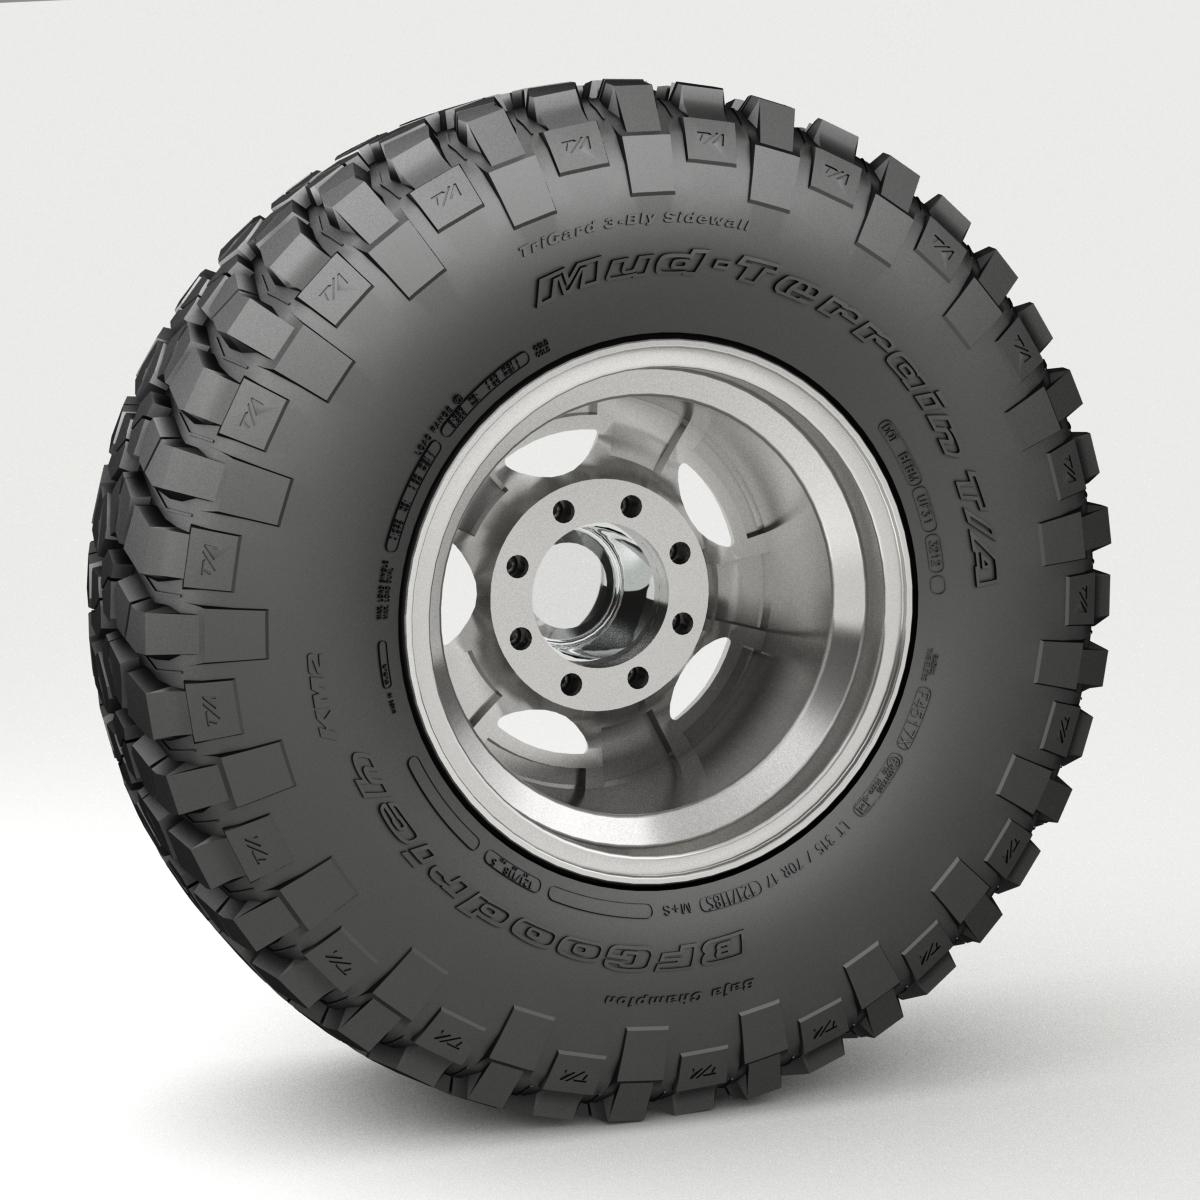 off road wheel and tire 3 3d model 3ds max fbx tga targa icb vda vst pix obj 224449